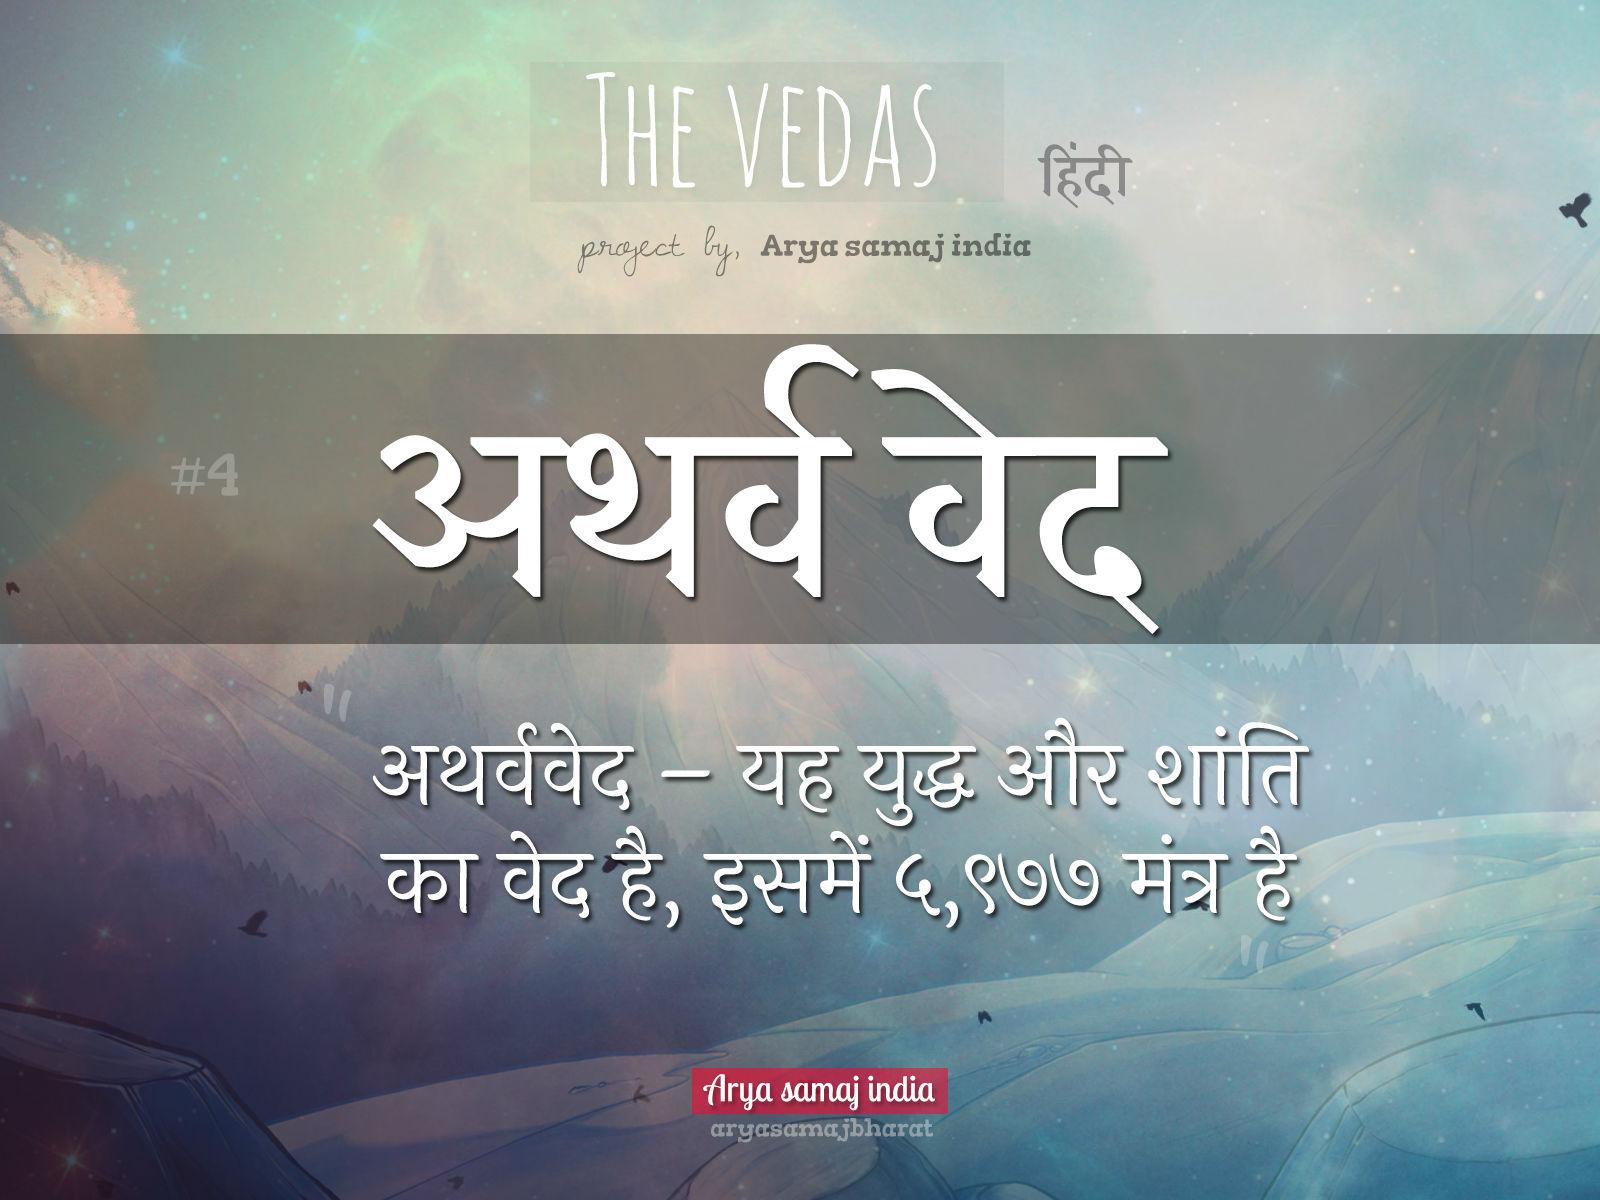 Four Vedas in Hindi - Arya Samaj Vedas - Arya Samaj India